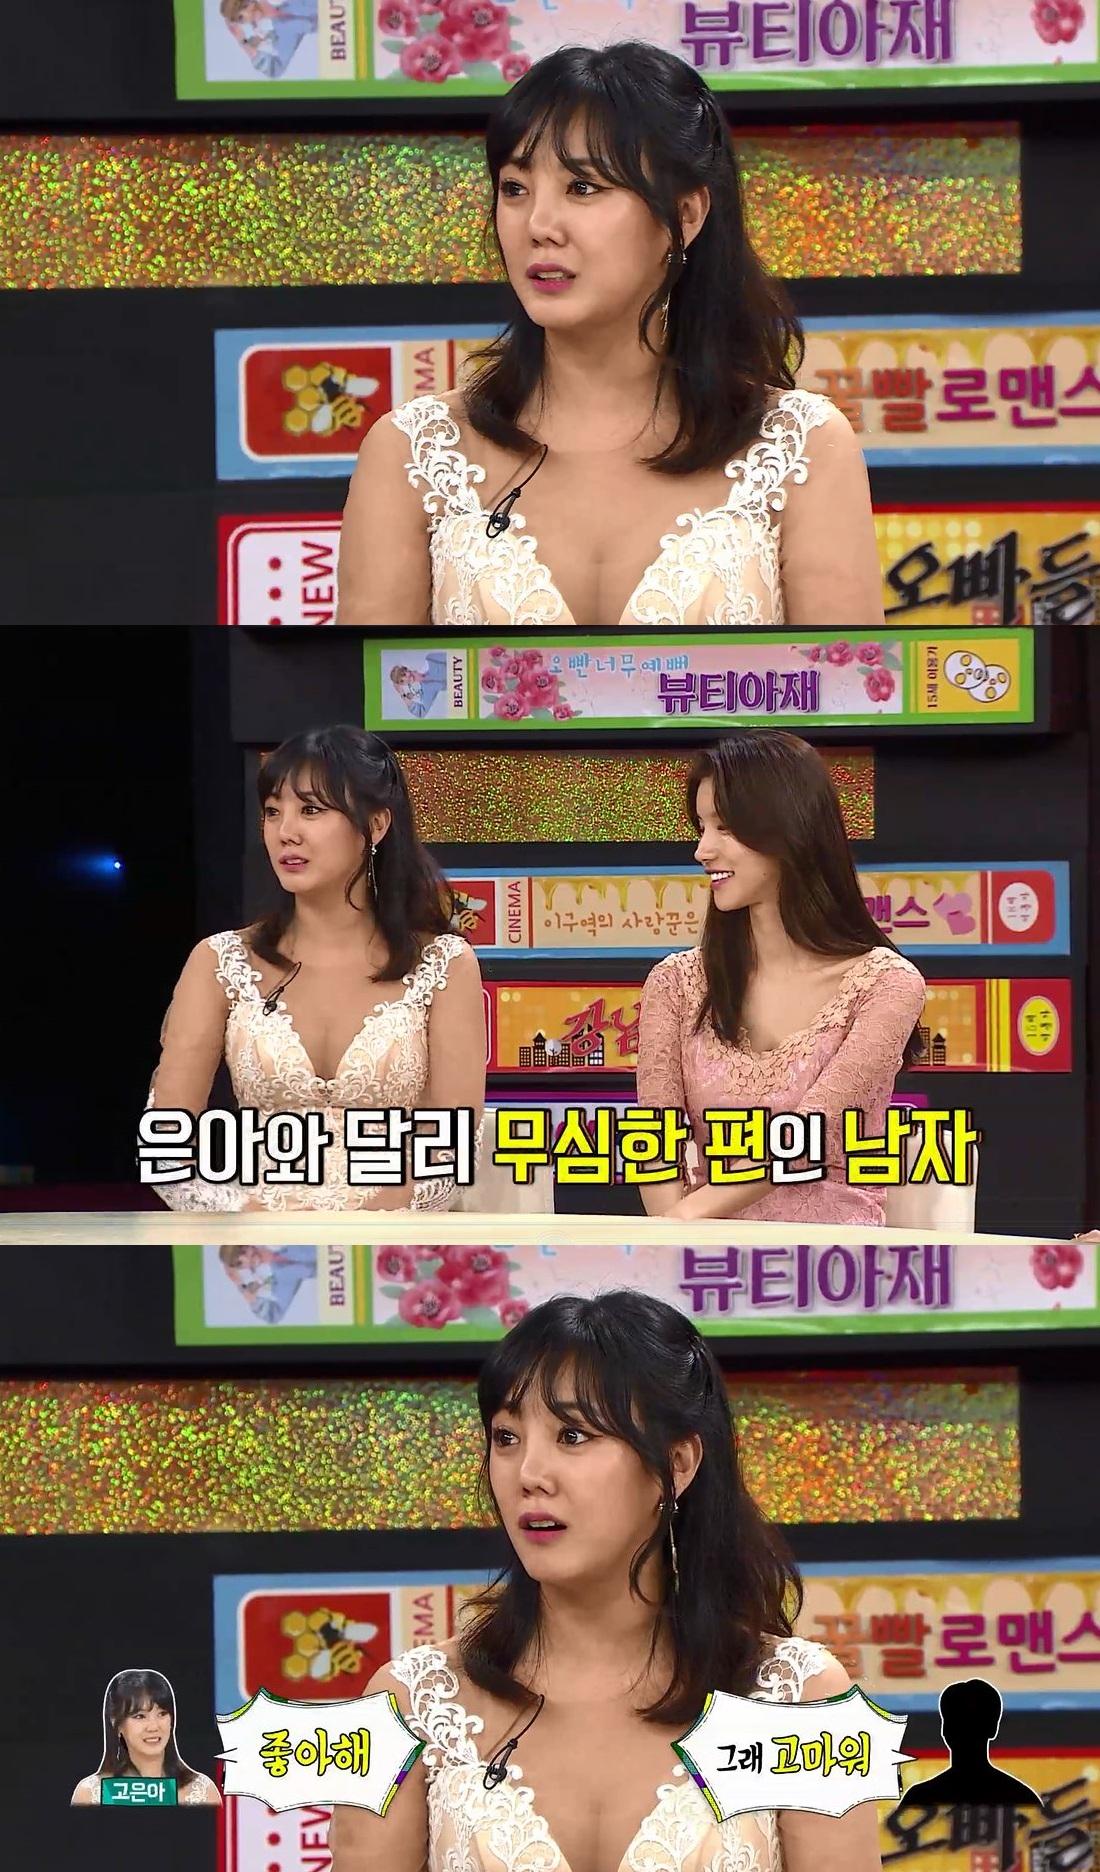 """<비디오스타> 고은아, """"현재 짝사랑 중"""" 핑크빛 고백..상대방도 알고 있다?"""